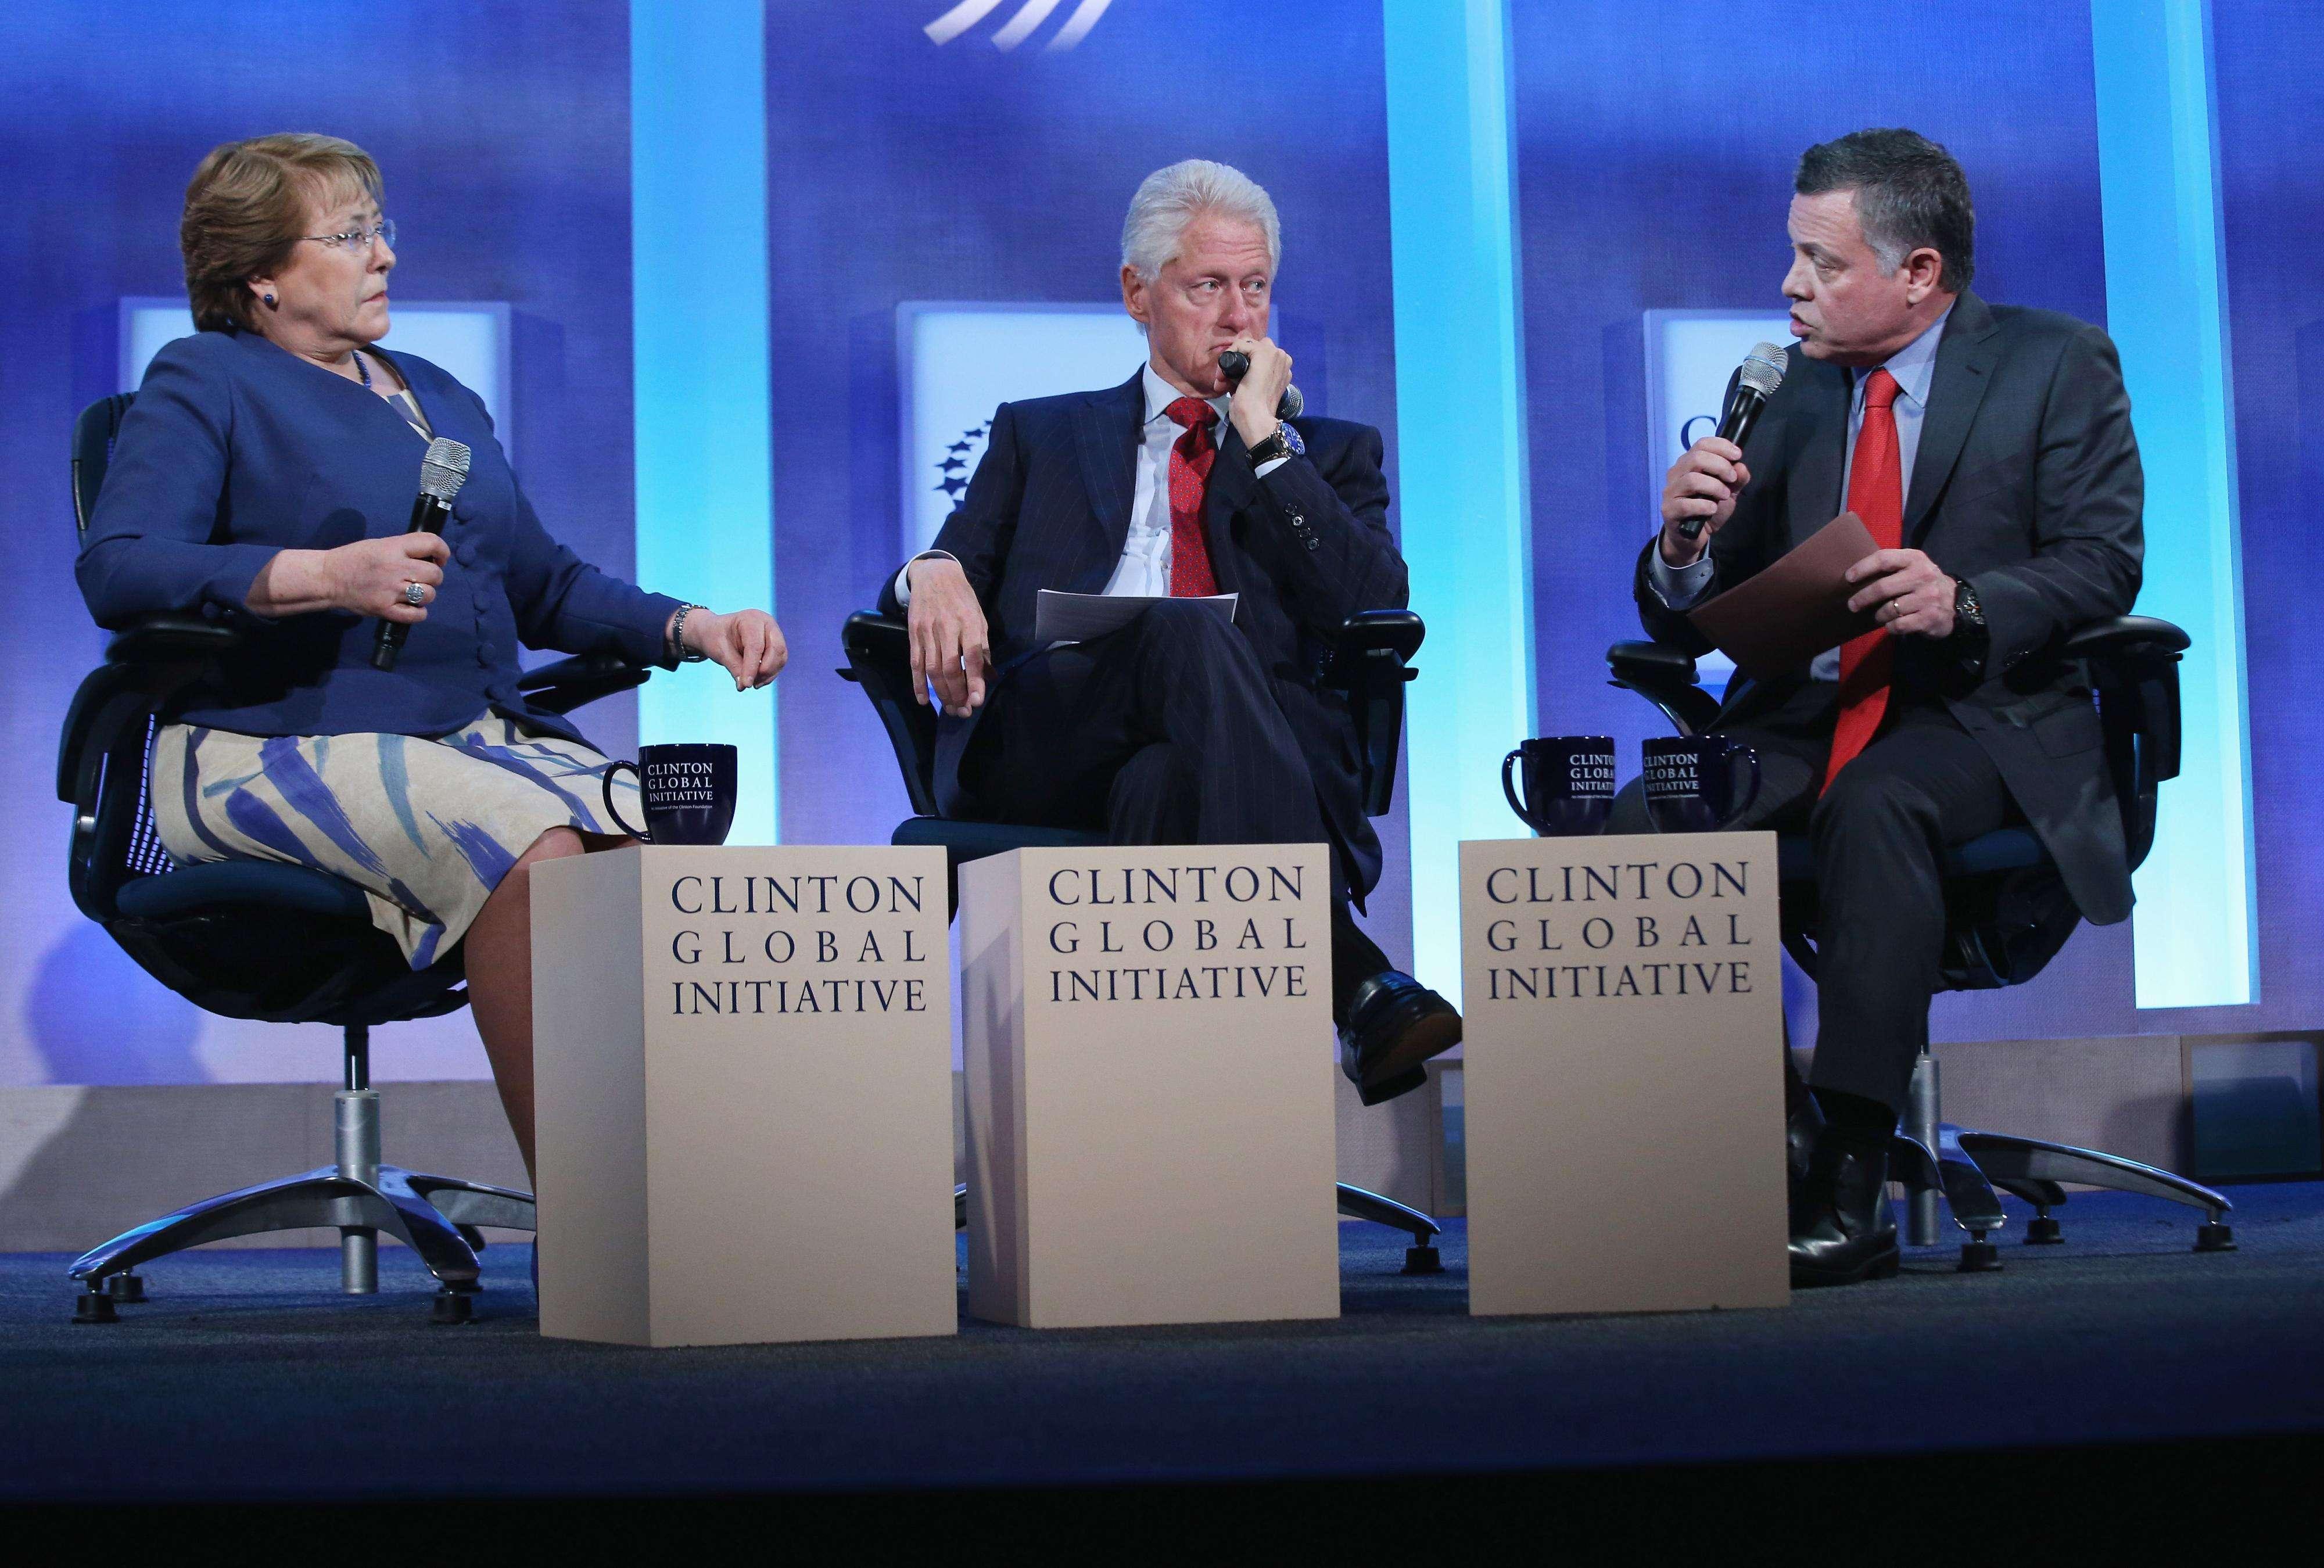 """La presidenta de Chile, Michelle Bachelet, apostó hoy en la sesión plenaria inaugural del encuentro anual de la Clinton Global Initiative por luchar contra la desigualdad desde la educación, """"es la única manera de no perder los talentos de nadie"""". Foto: AFP en español"""